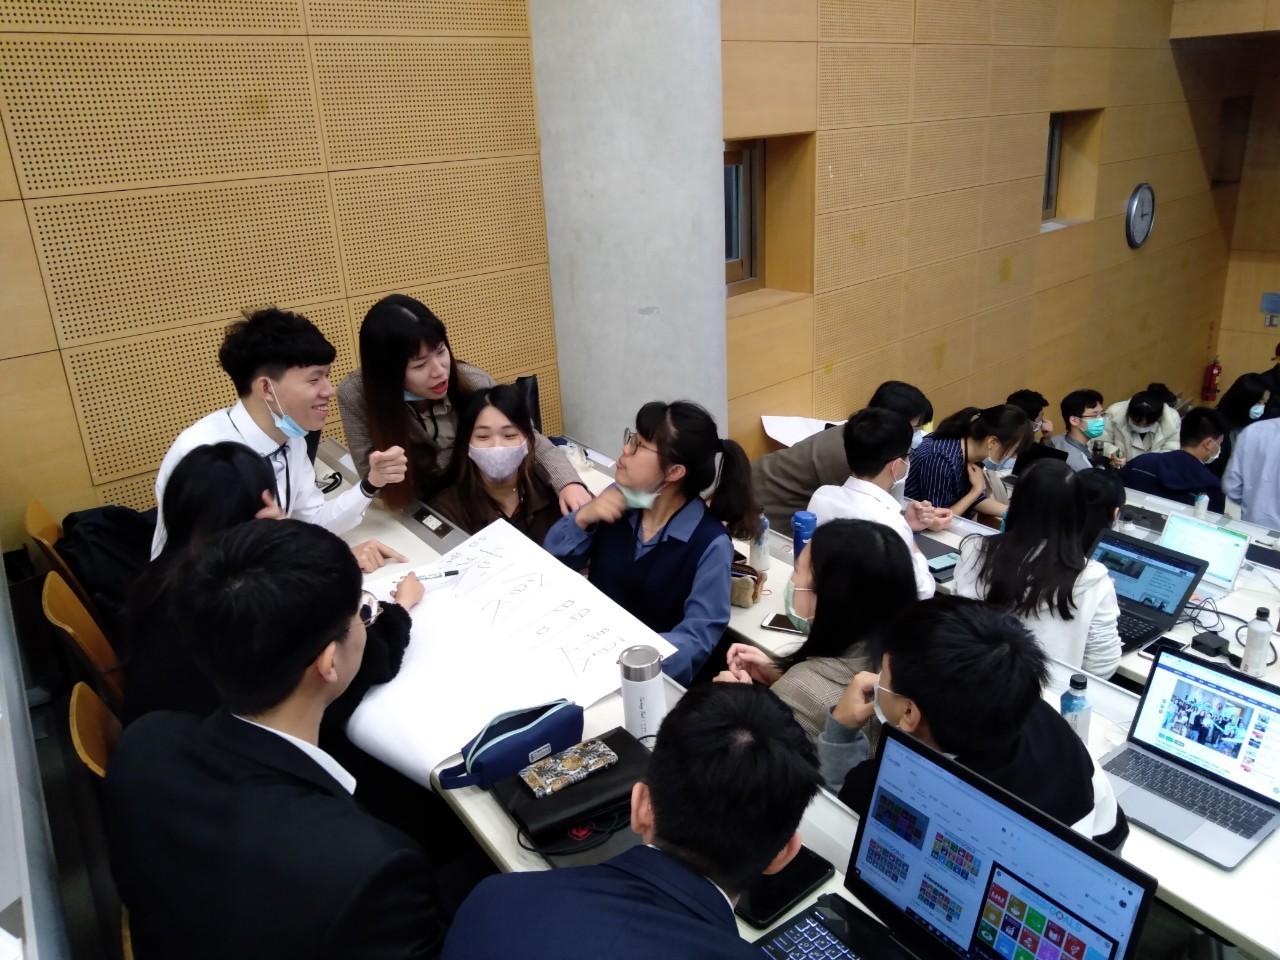 【活動紀錄 3/6 ATCC商業競賽議題Workshop:具商業模式的社會創新】